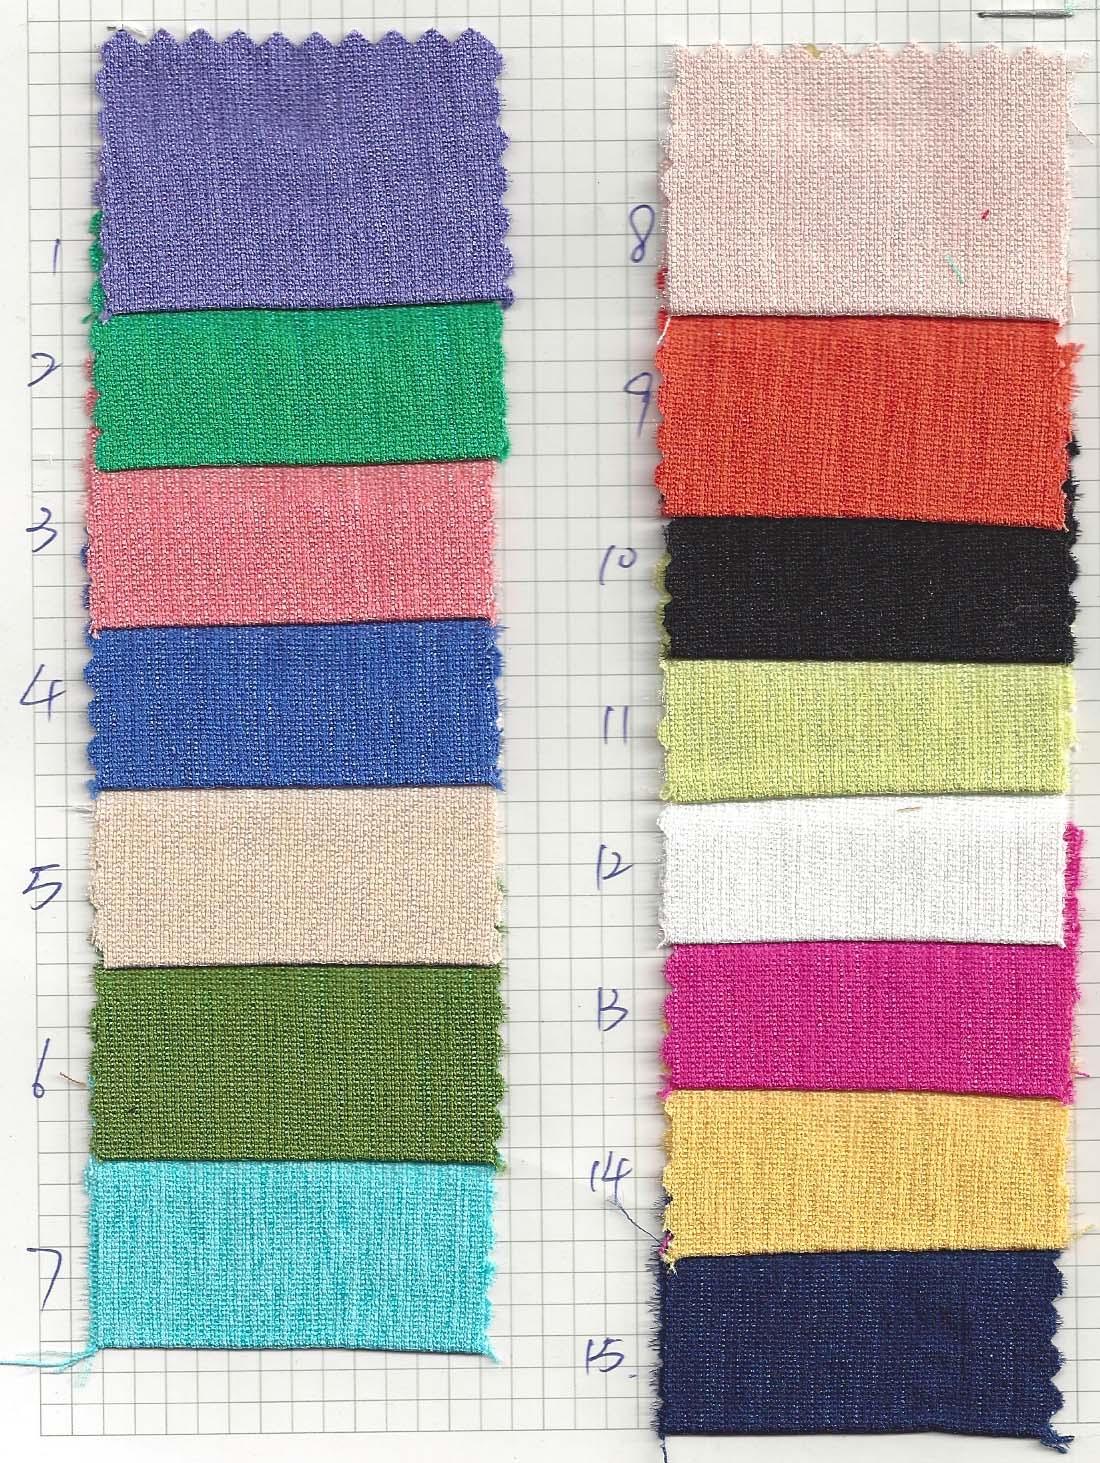 Shuang Ma Textile B0398.jpg